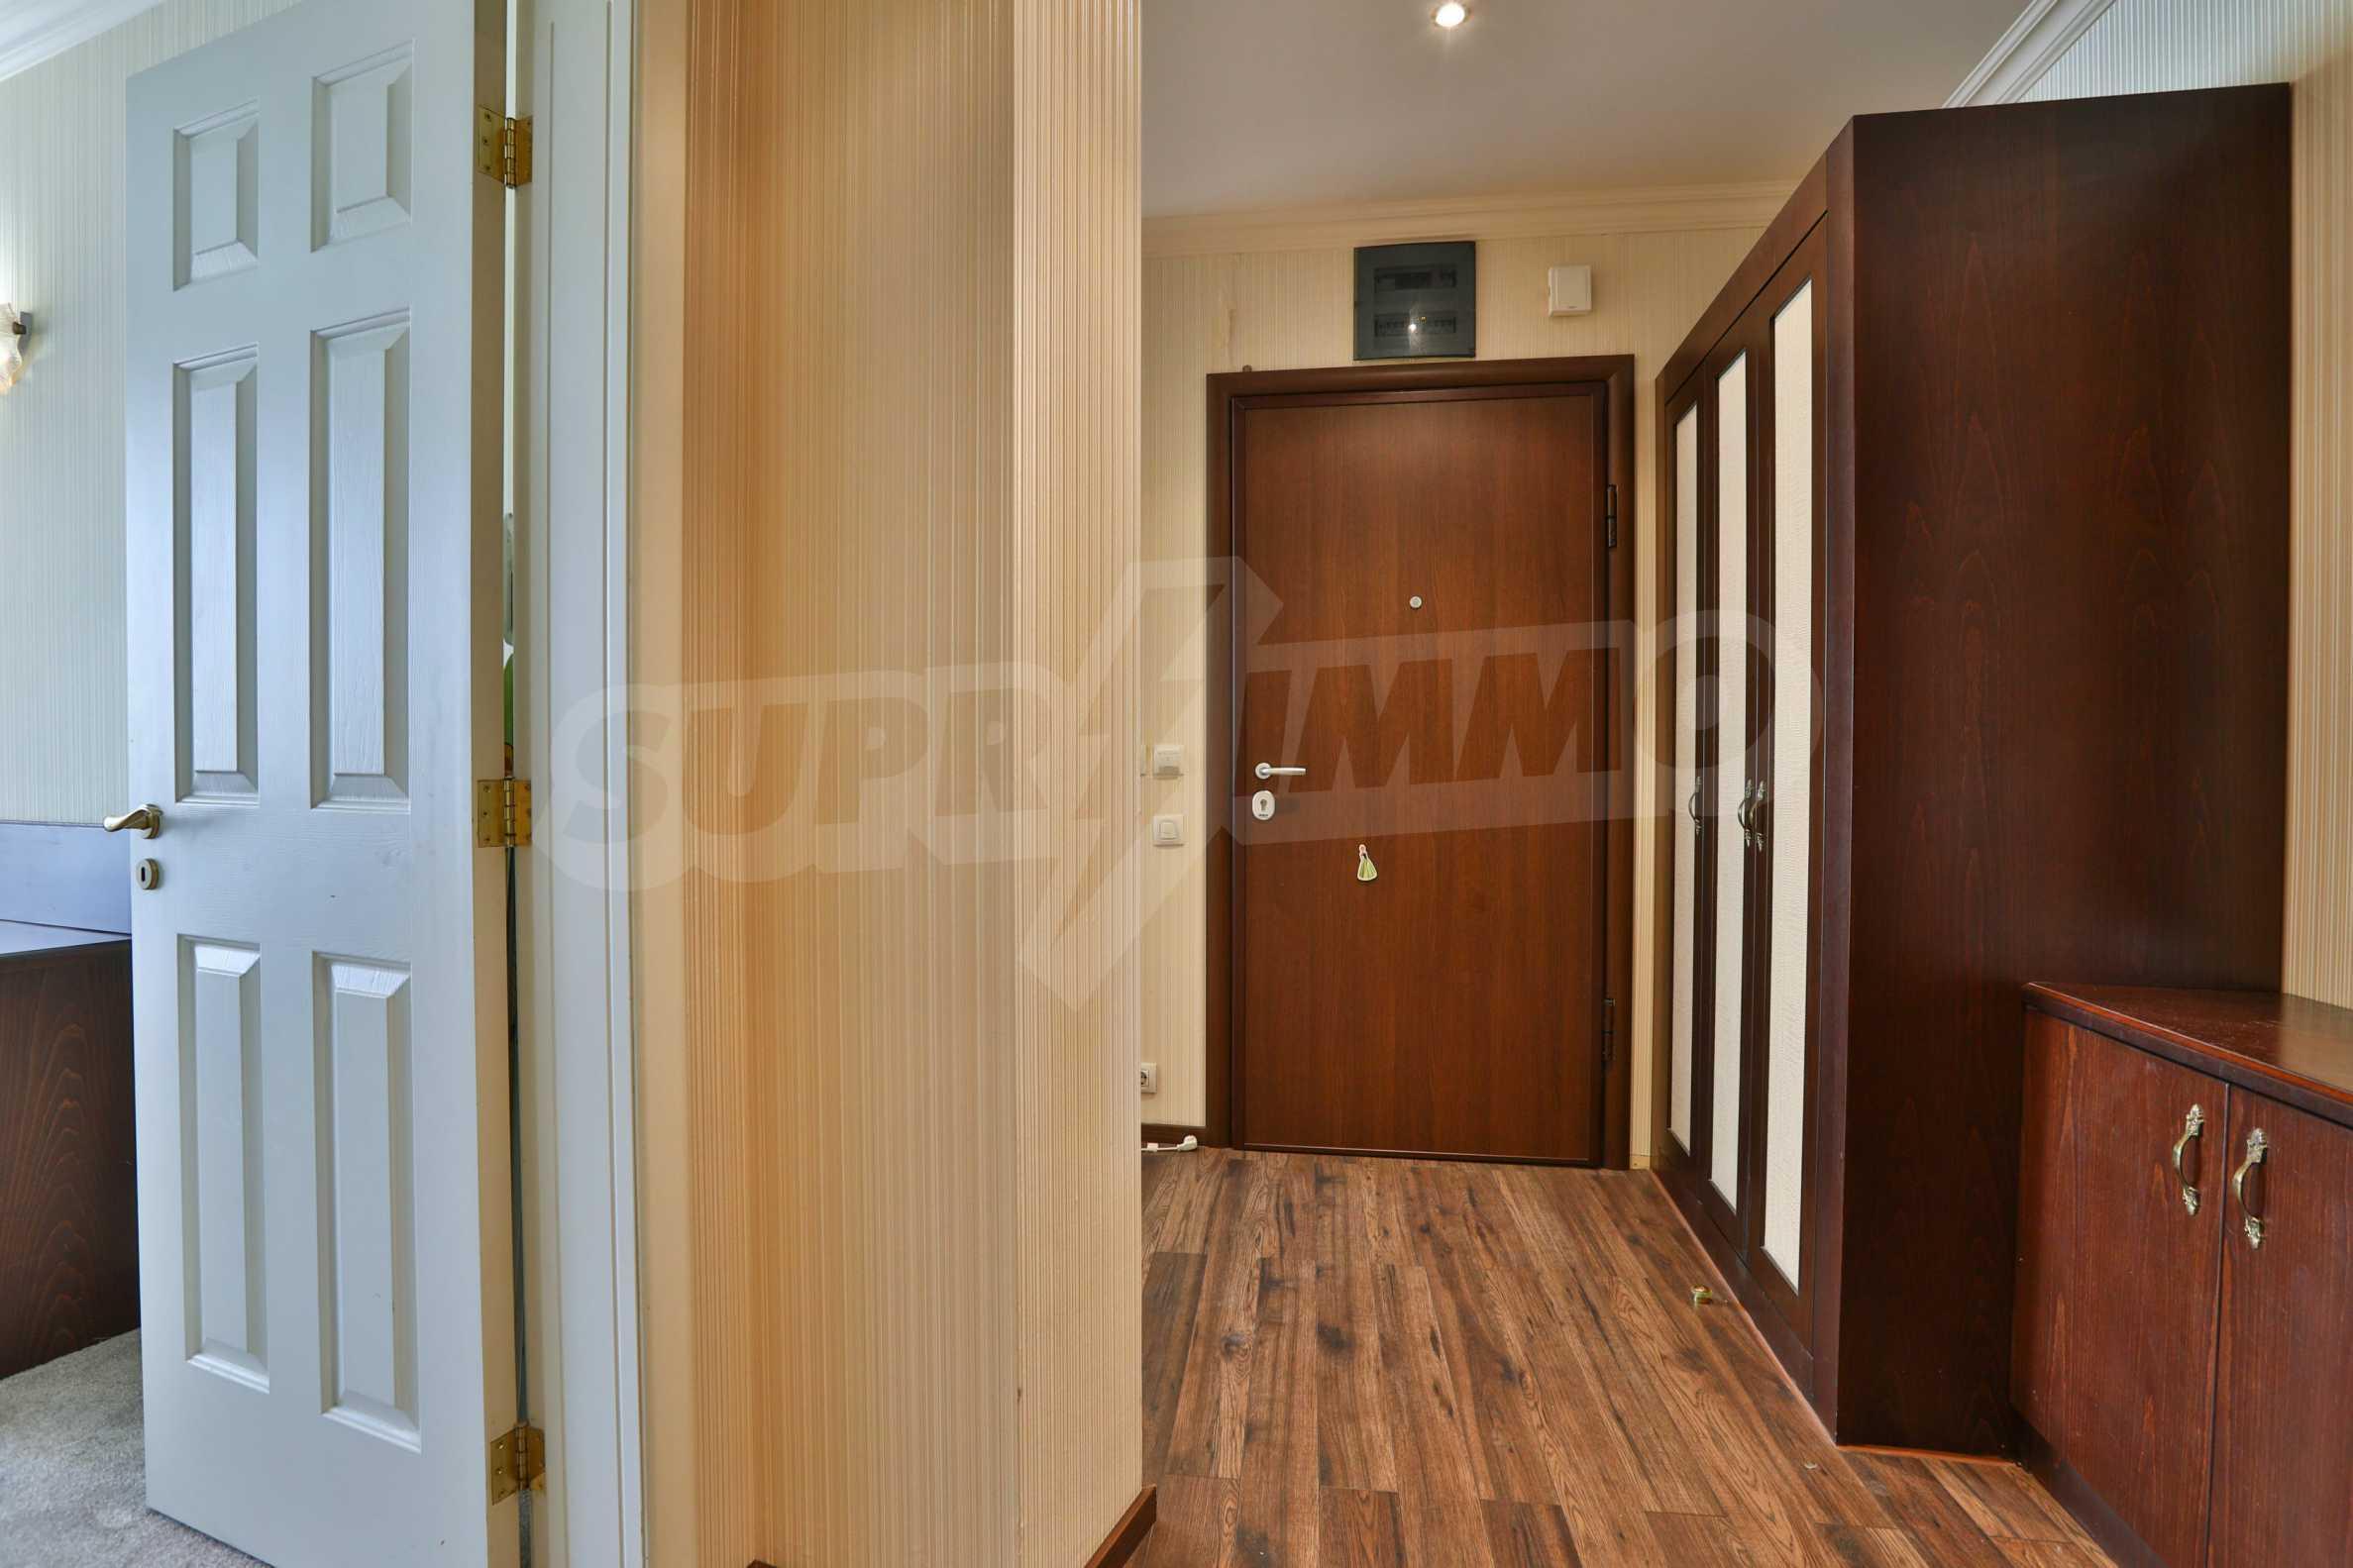 Двустаен апартамент в к-с от затворен тип в кв. Борово 11